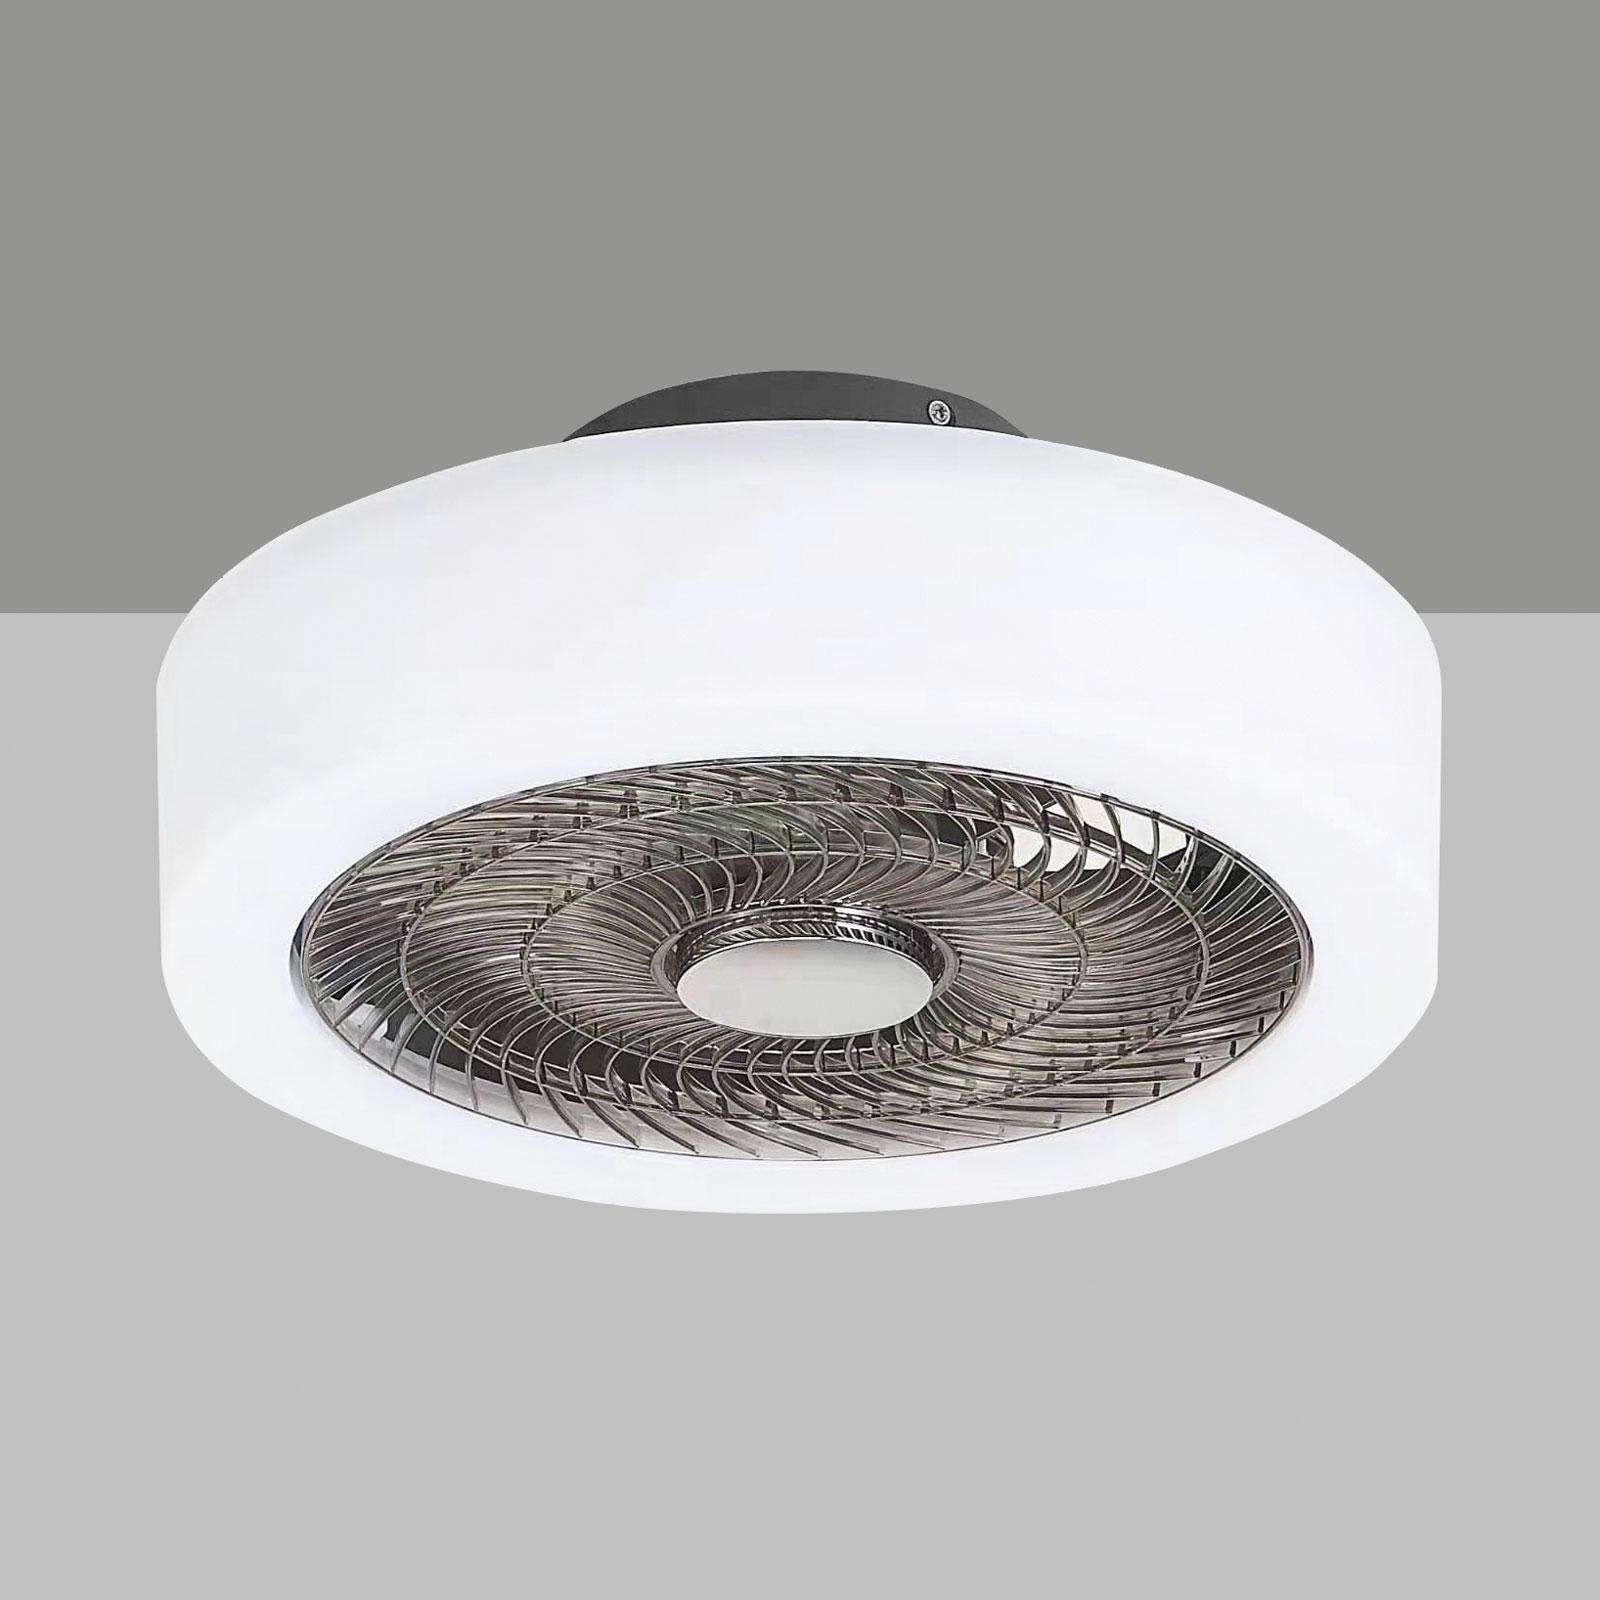 Levante LED-takvifte med dimbart lys